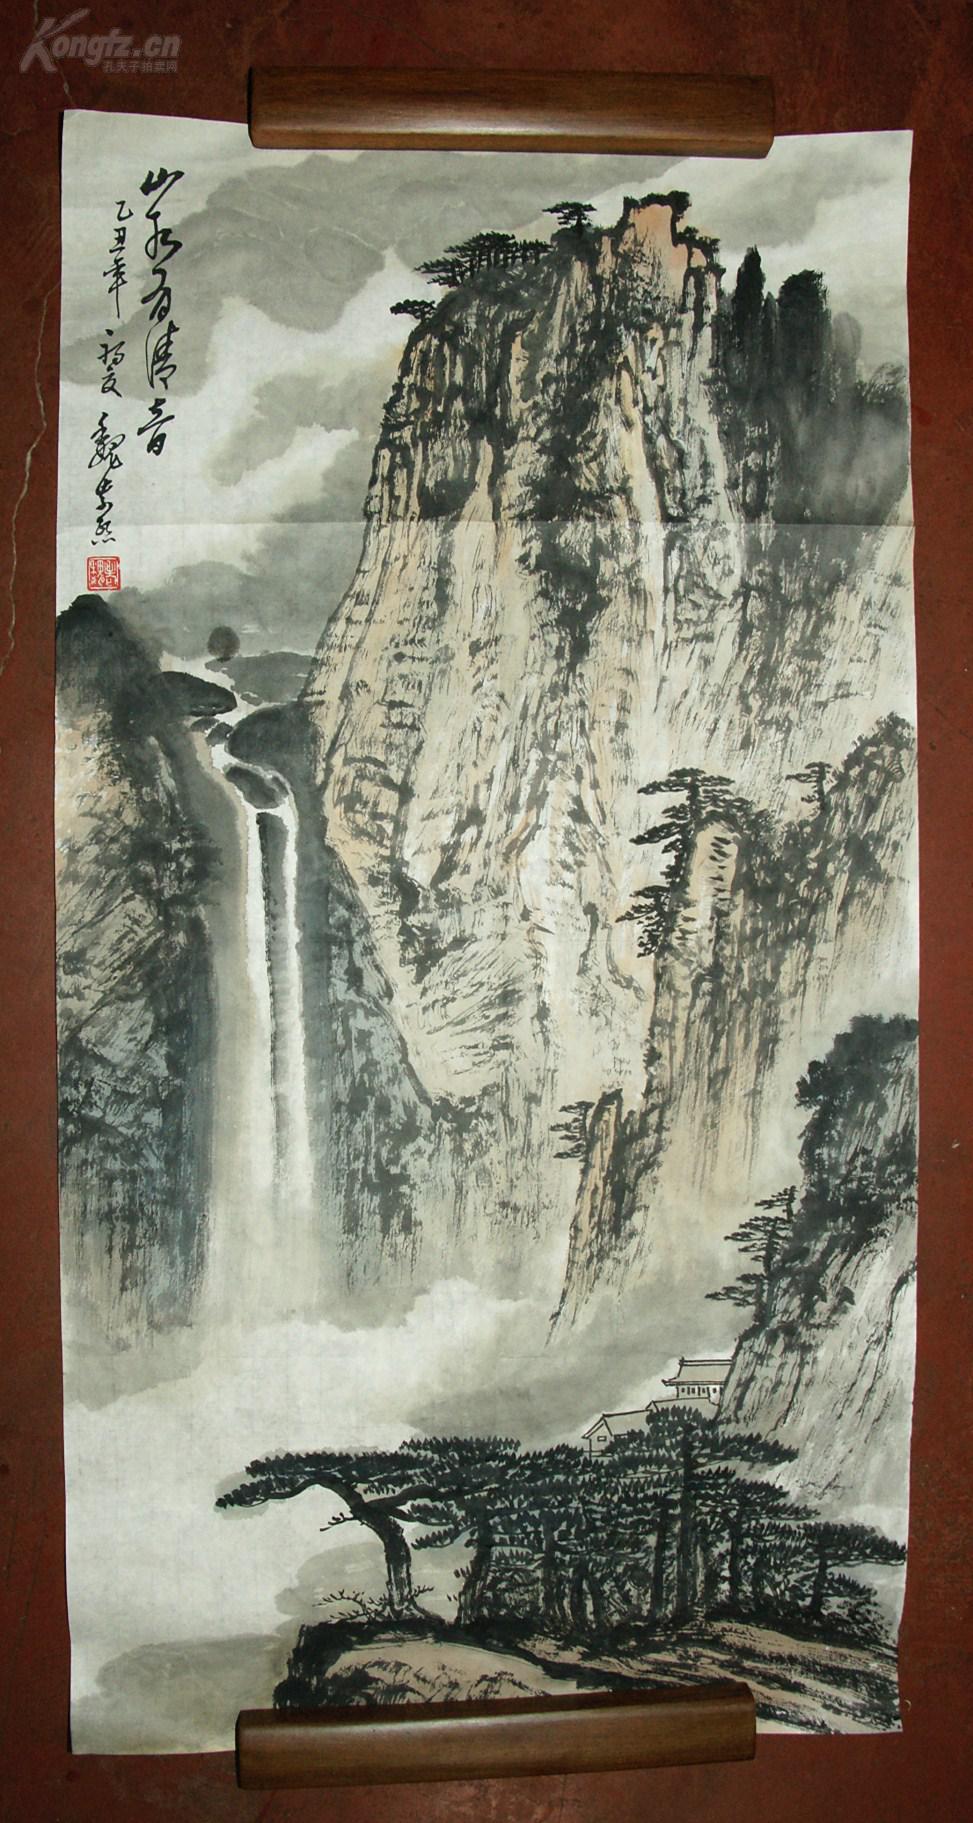 院著名山水画家 中国美术图片